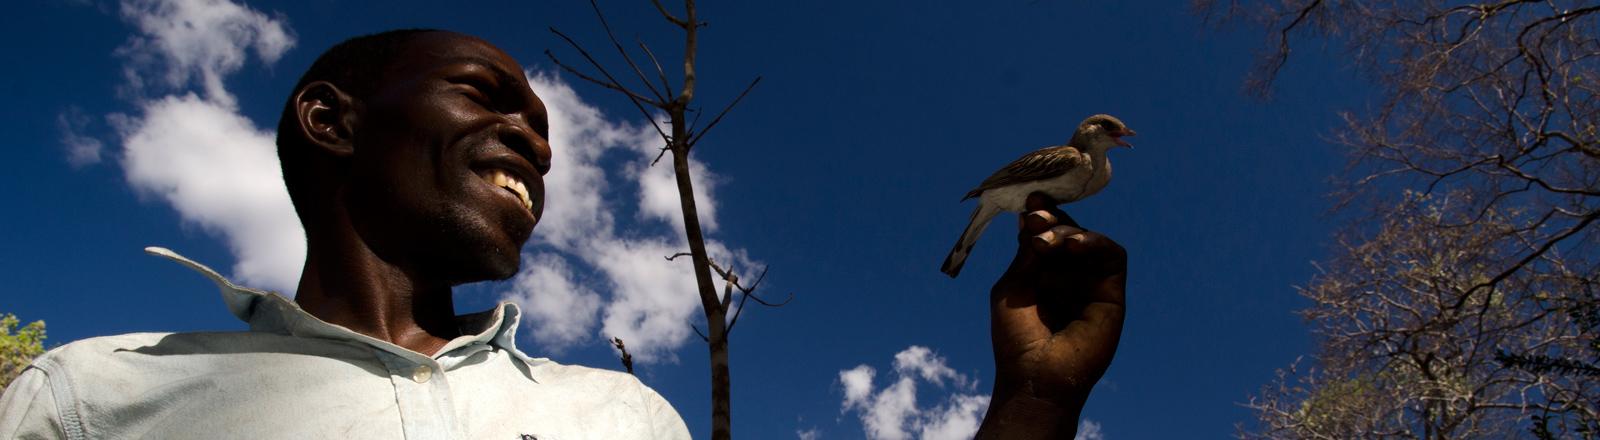 Der Yao-Honigjänger Orlando Yassene hält einen weiblichen Großen Honiganzeiger auf seinem Finger im Niassa Nationalpark in Mosamibik.